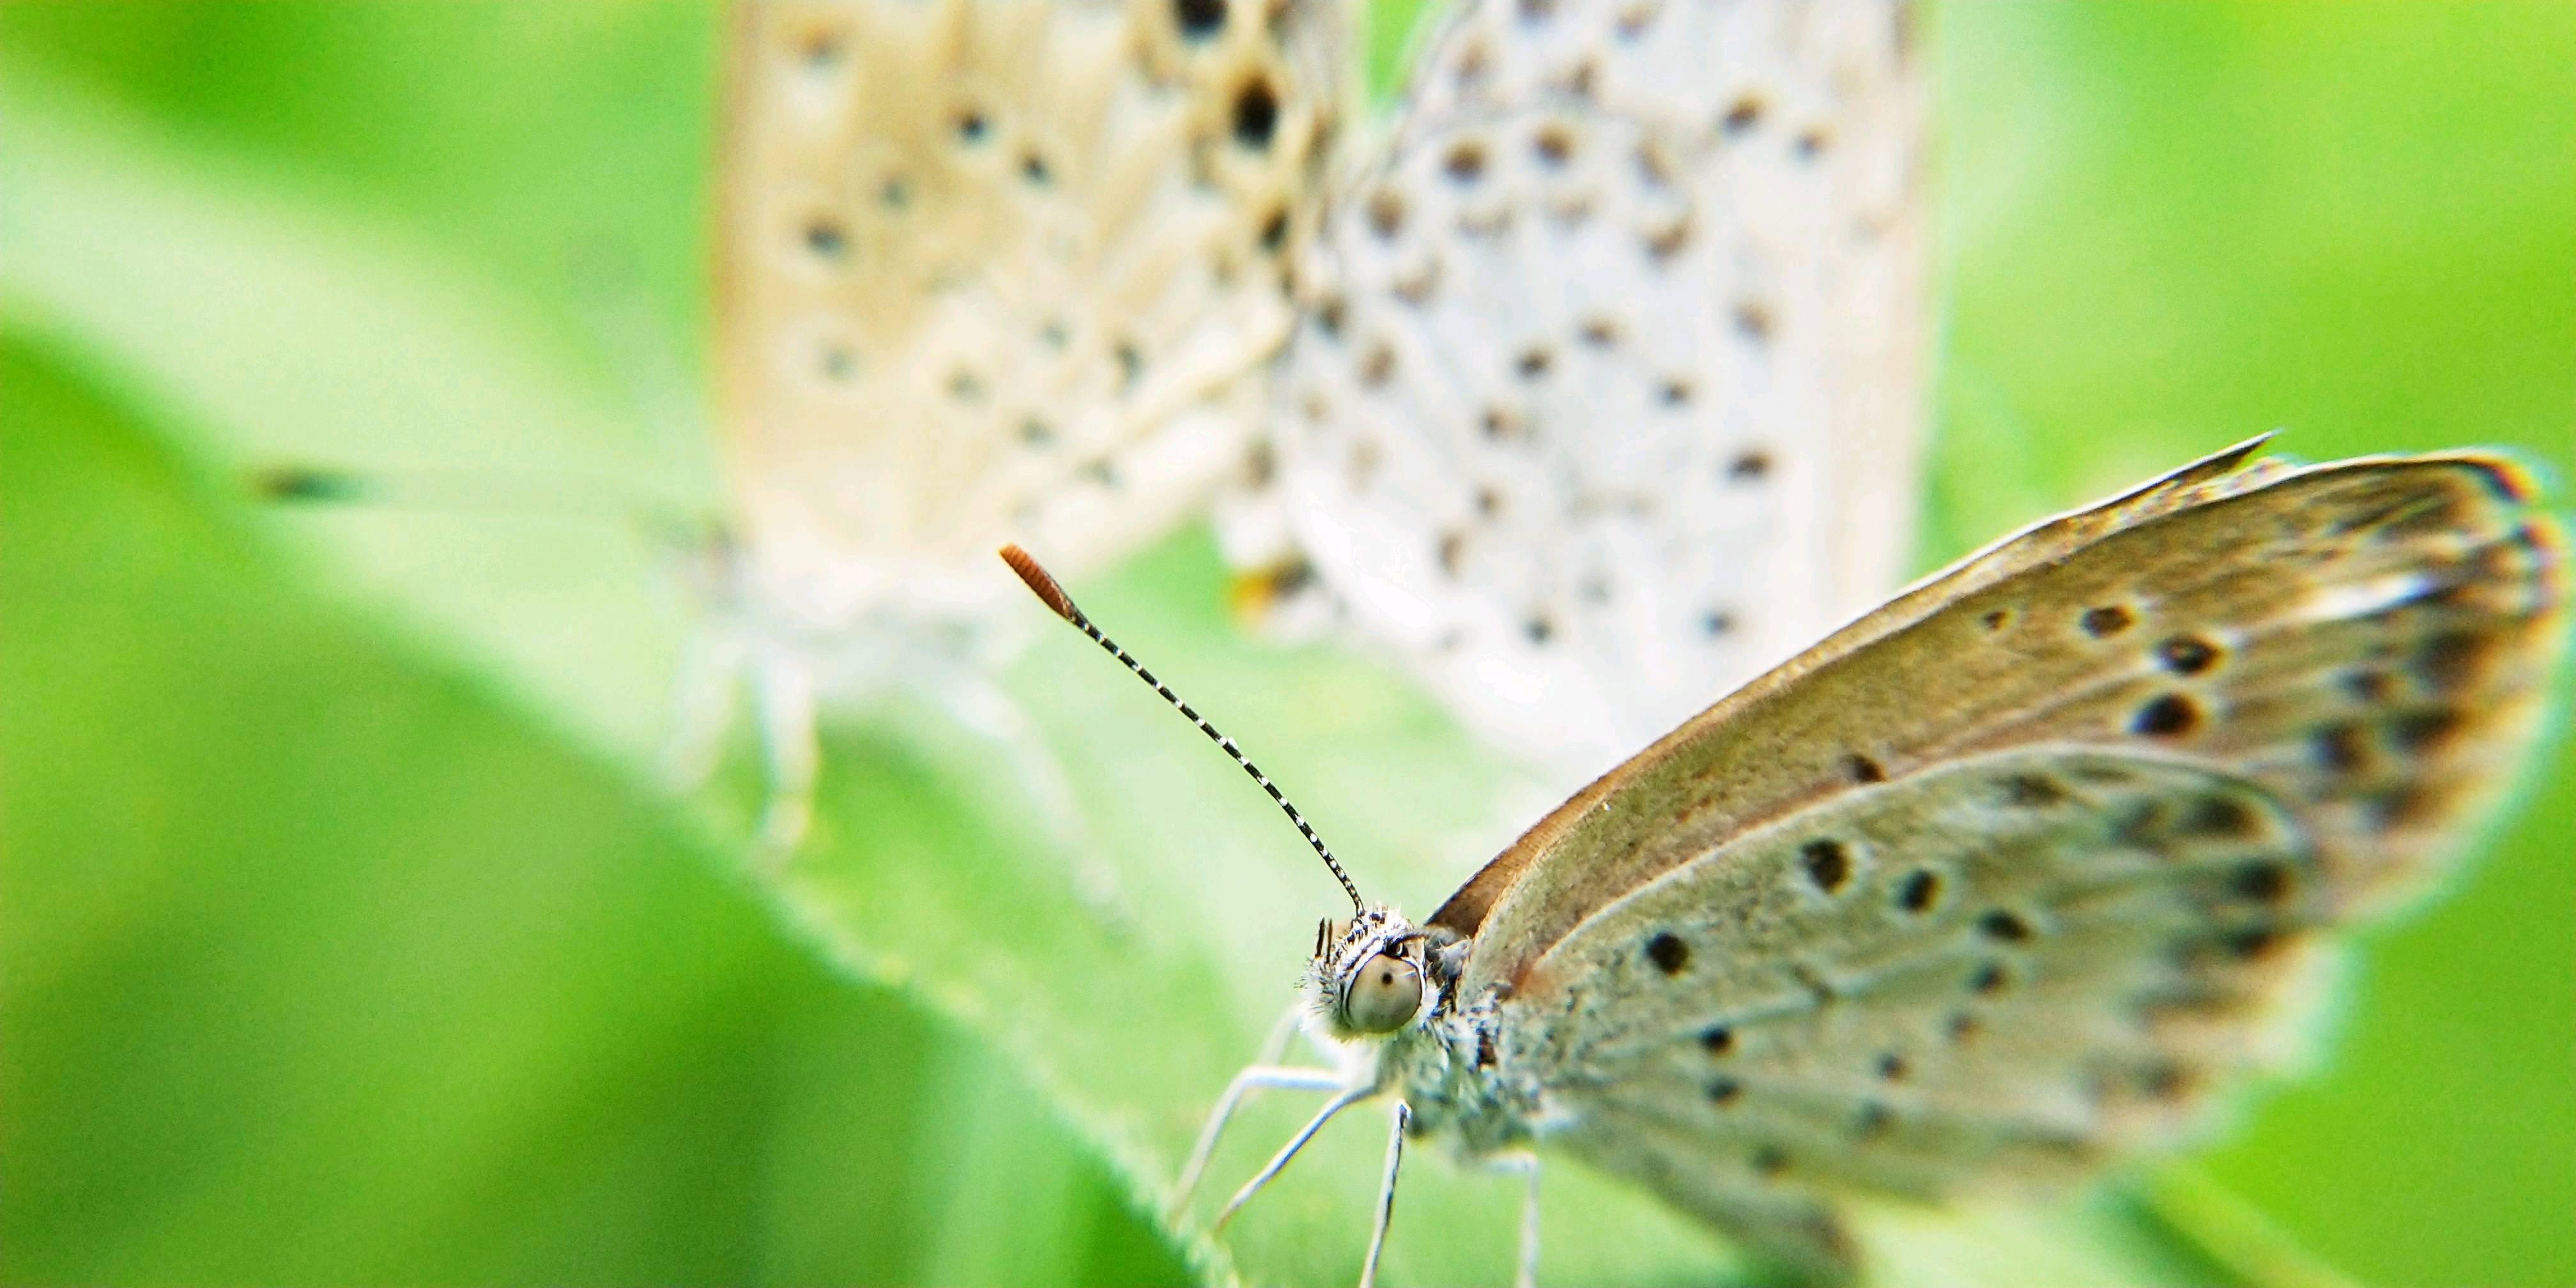 型號:vivoX20A 地點:肇慶市七星巖 時間:2018年6月2日 蝴蝶在花叢中飛舞覓食、交配。它是一種昆蟲最美觀賞。 【交配】